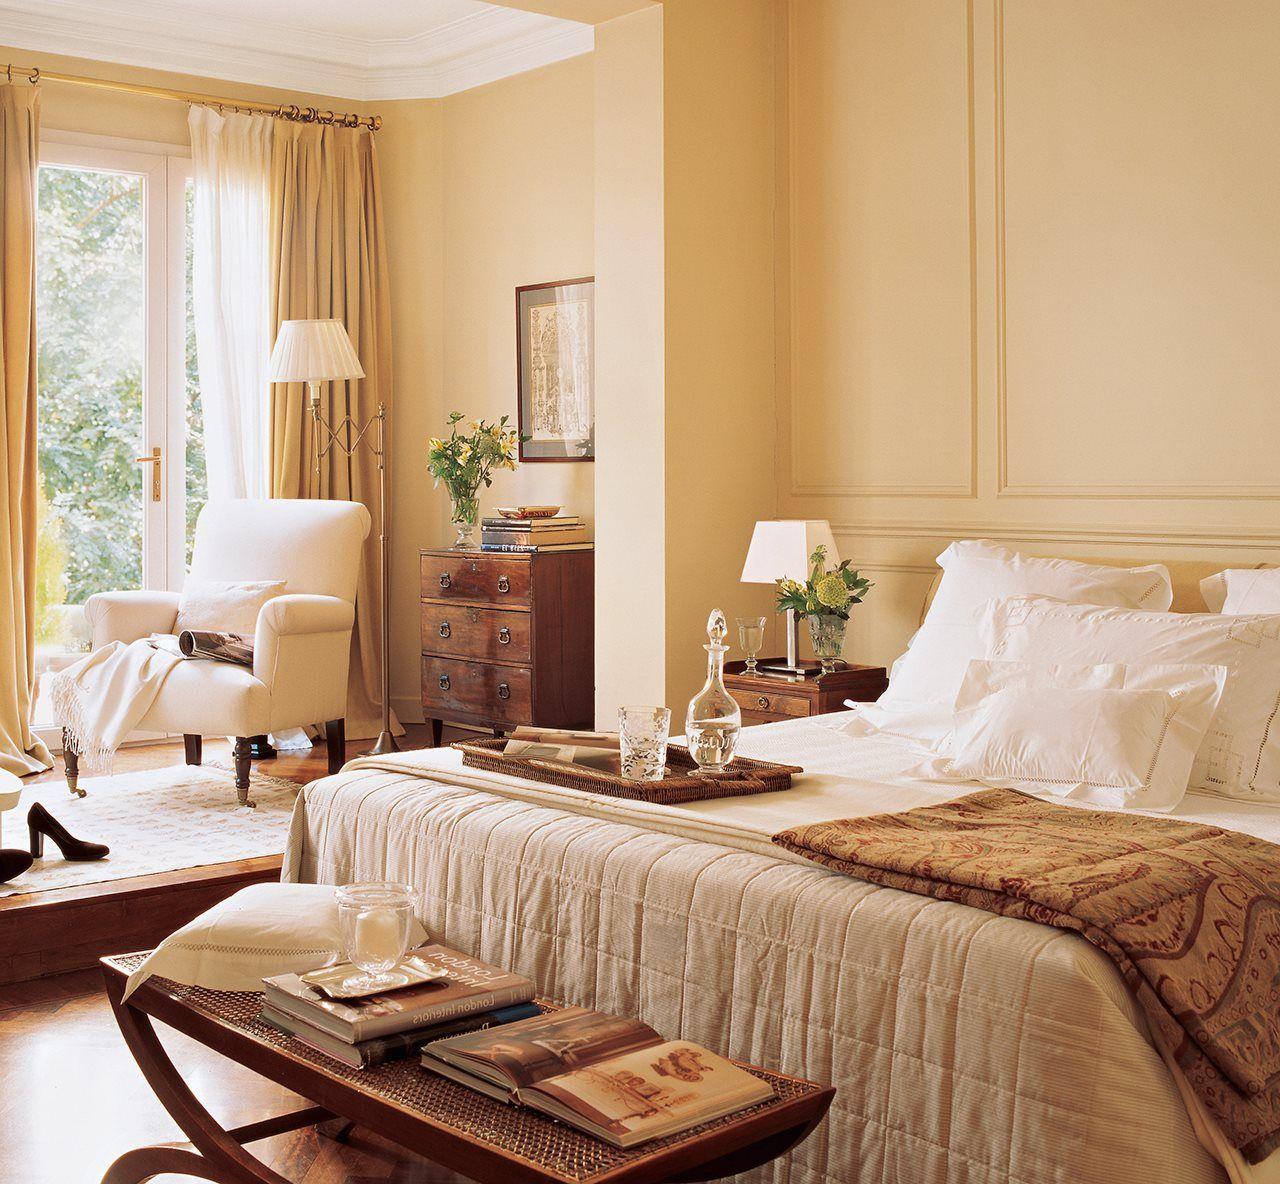 Tu dormitorio tiene muebles oscuros el blanco ser tu for Decoracion piso oscuro